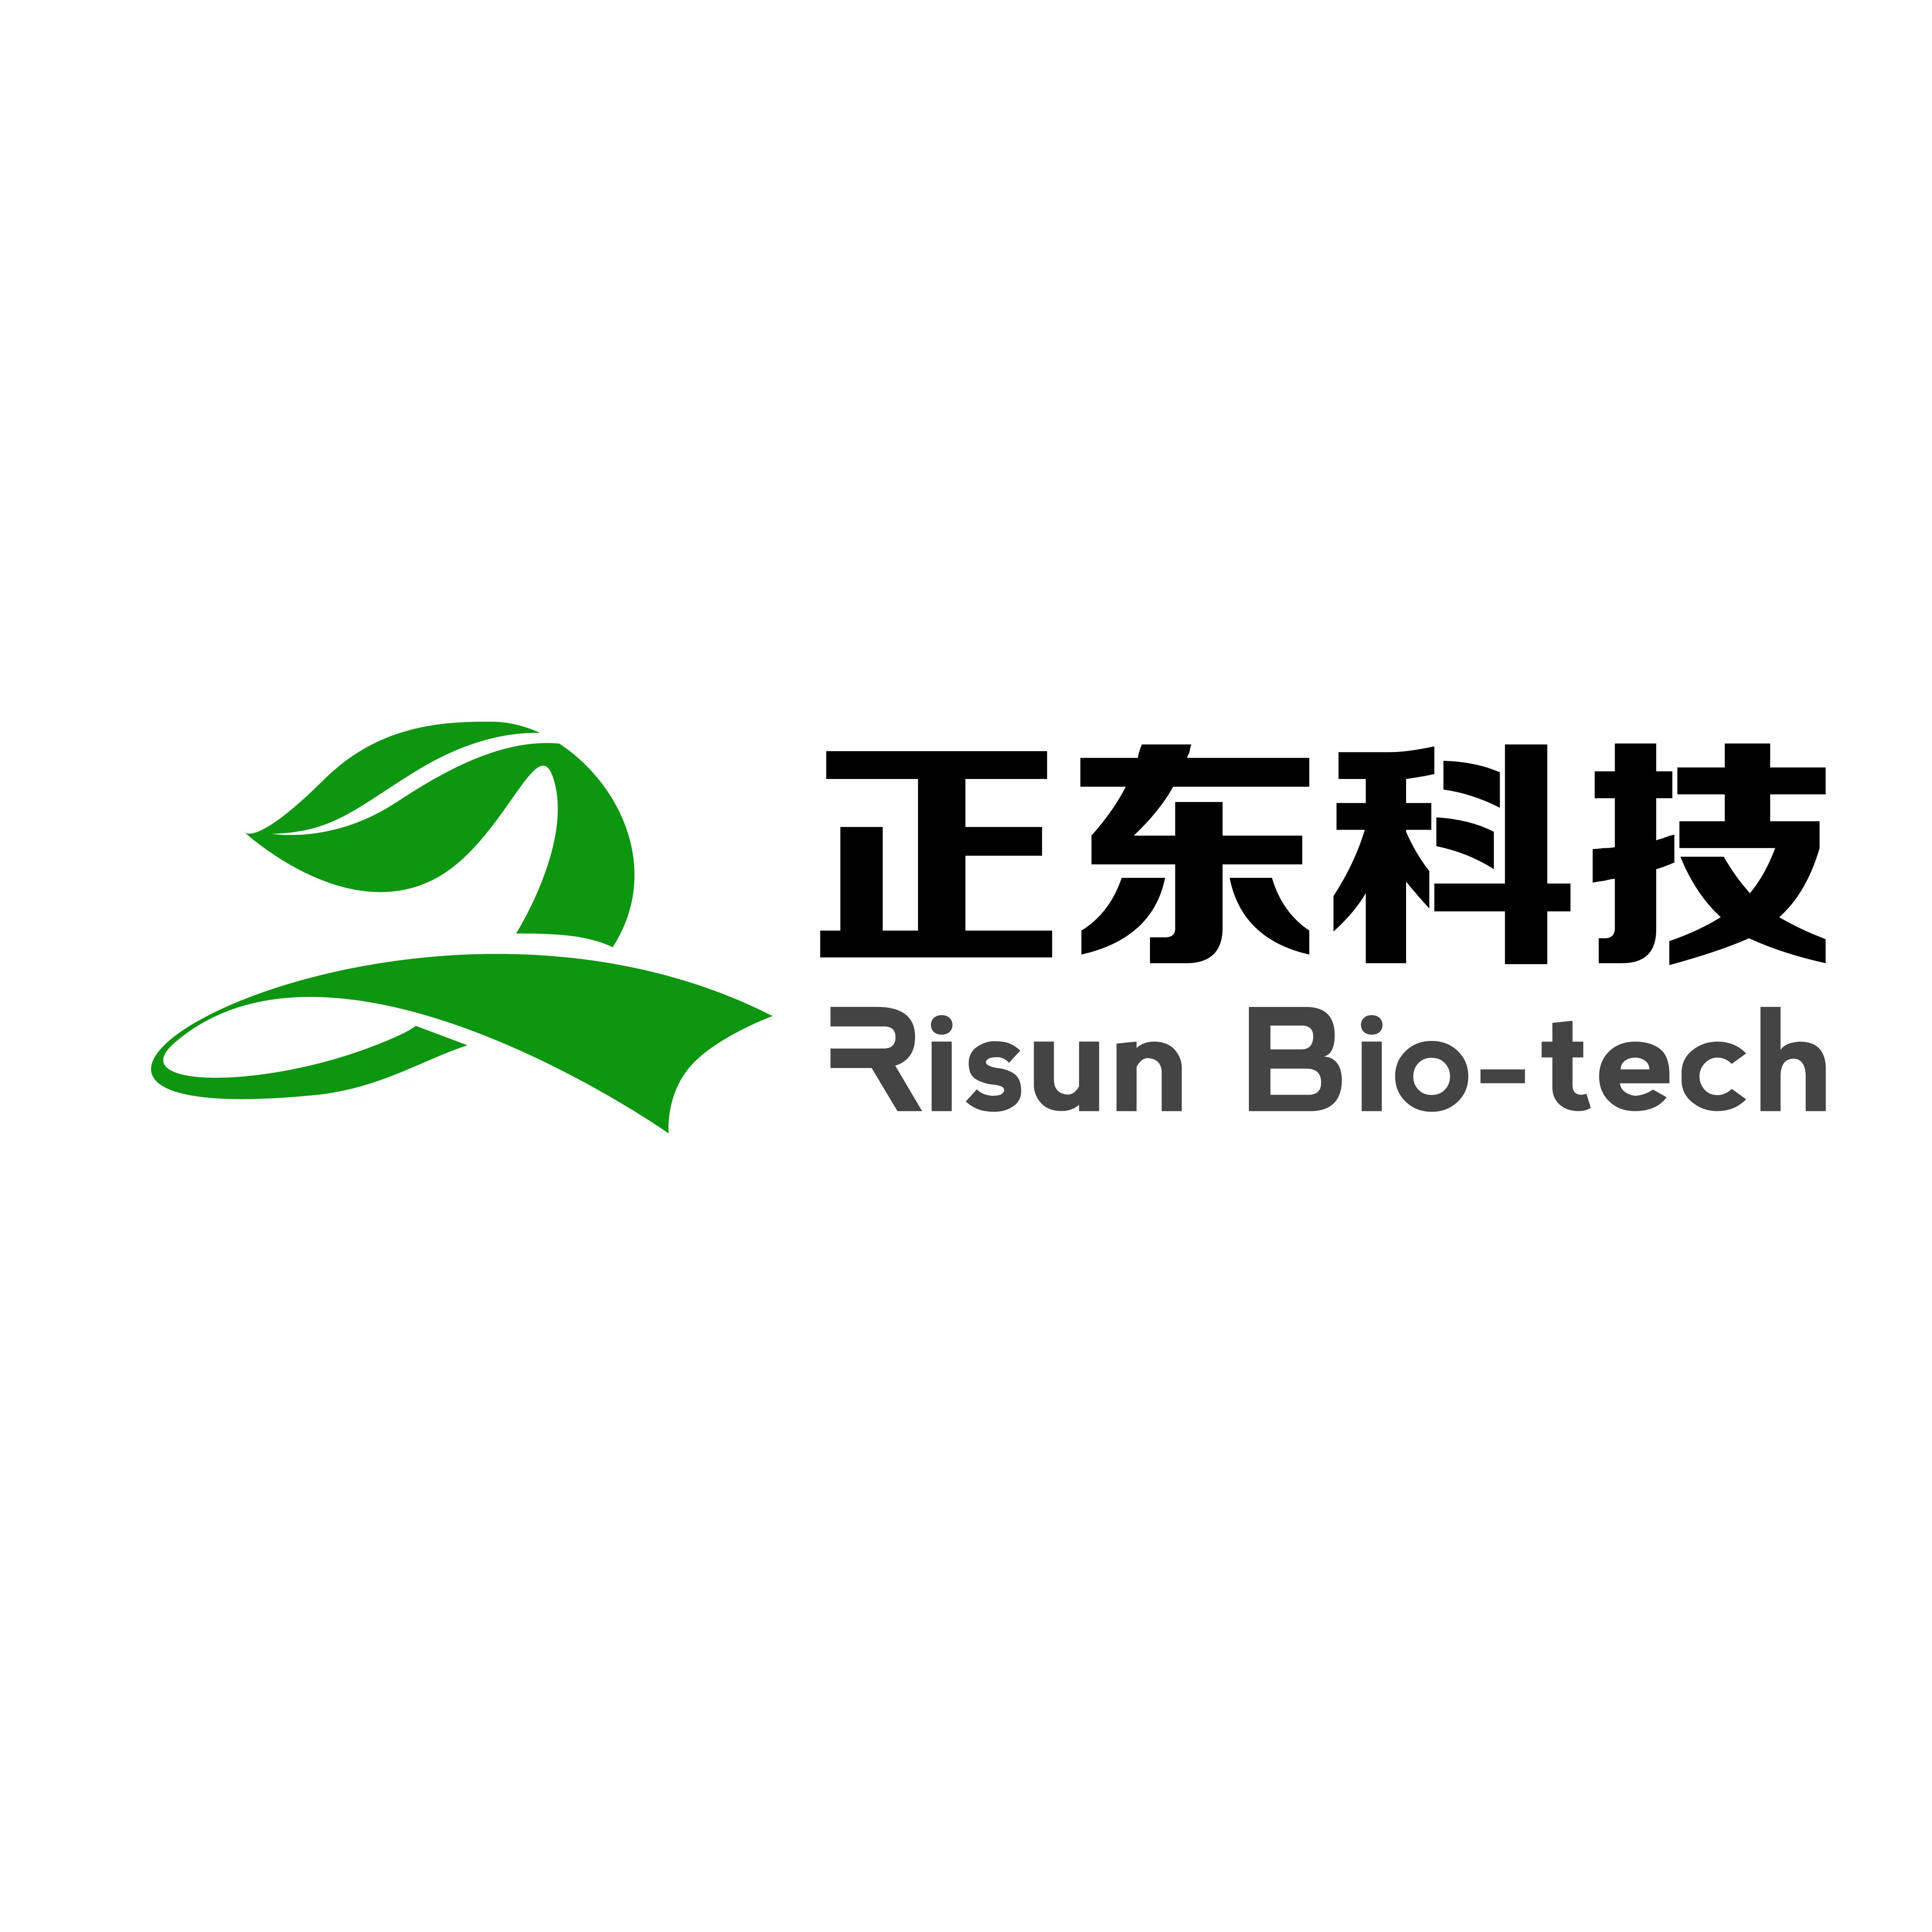 西安正東生物科技有限公司